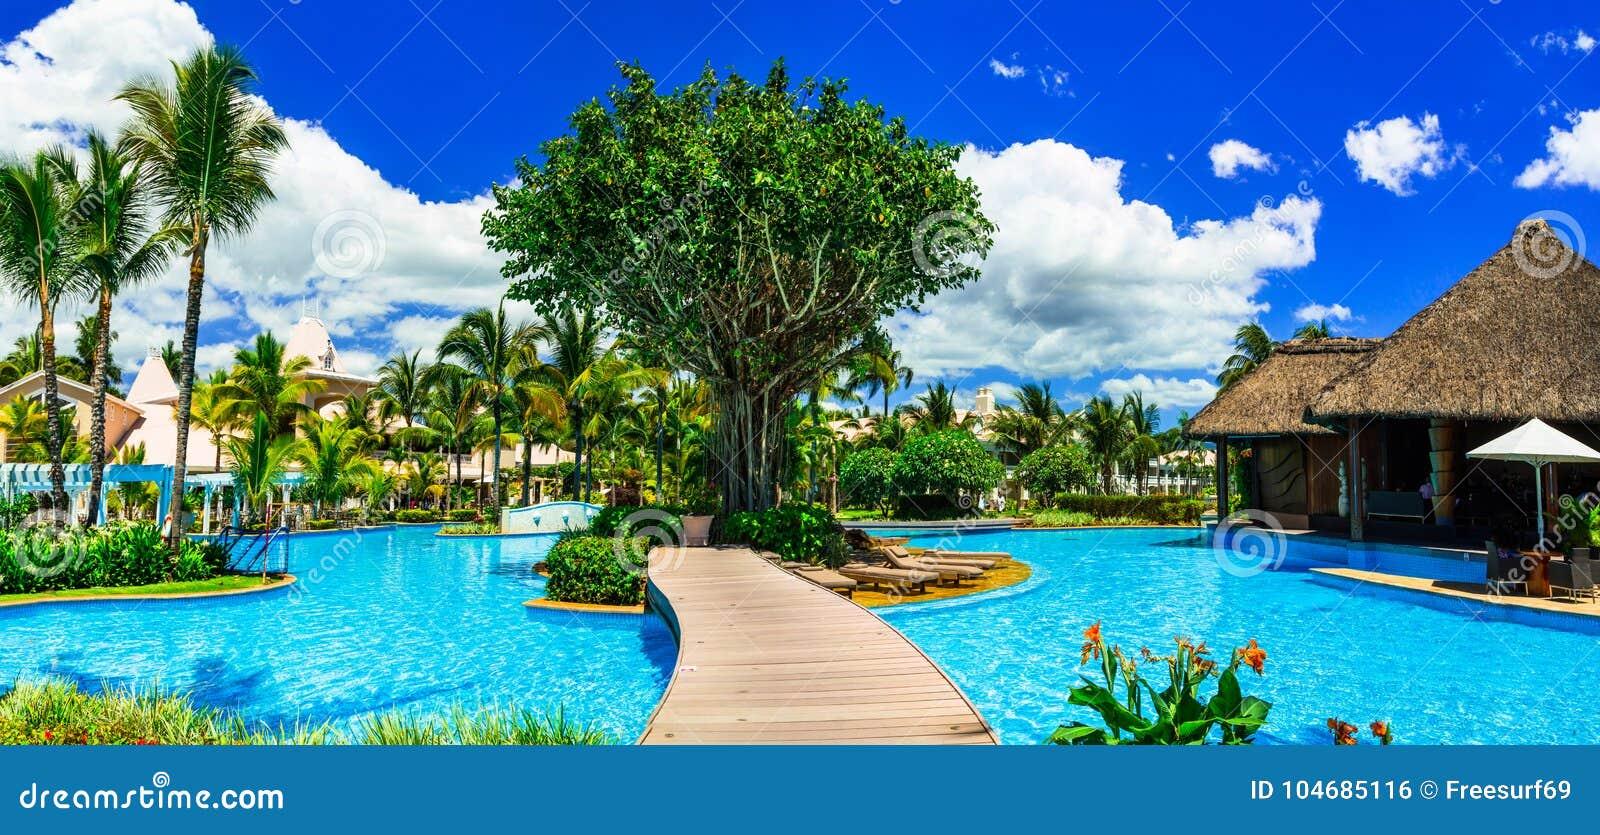 Διακοπές πολυτέλειας στον τροπικό παράδεισο - νησί του Μαυρίκιου